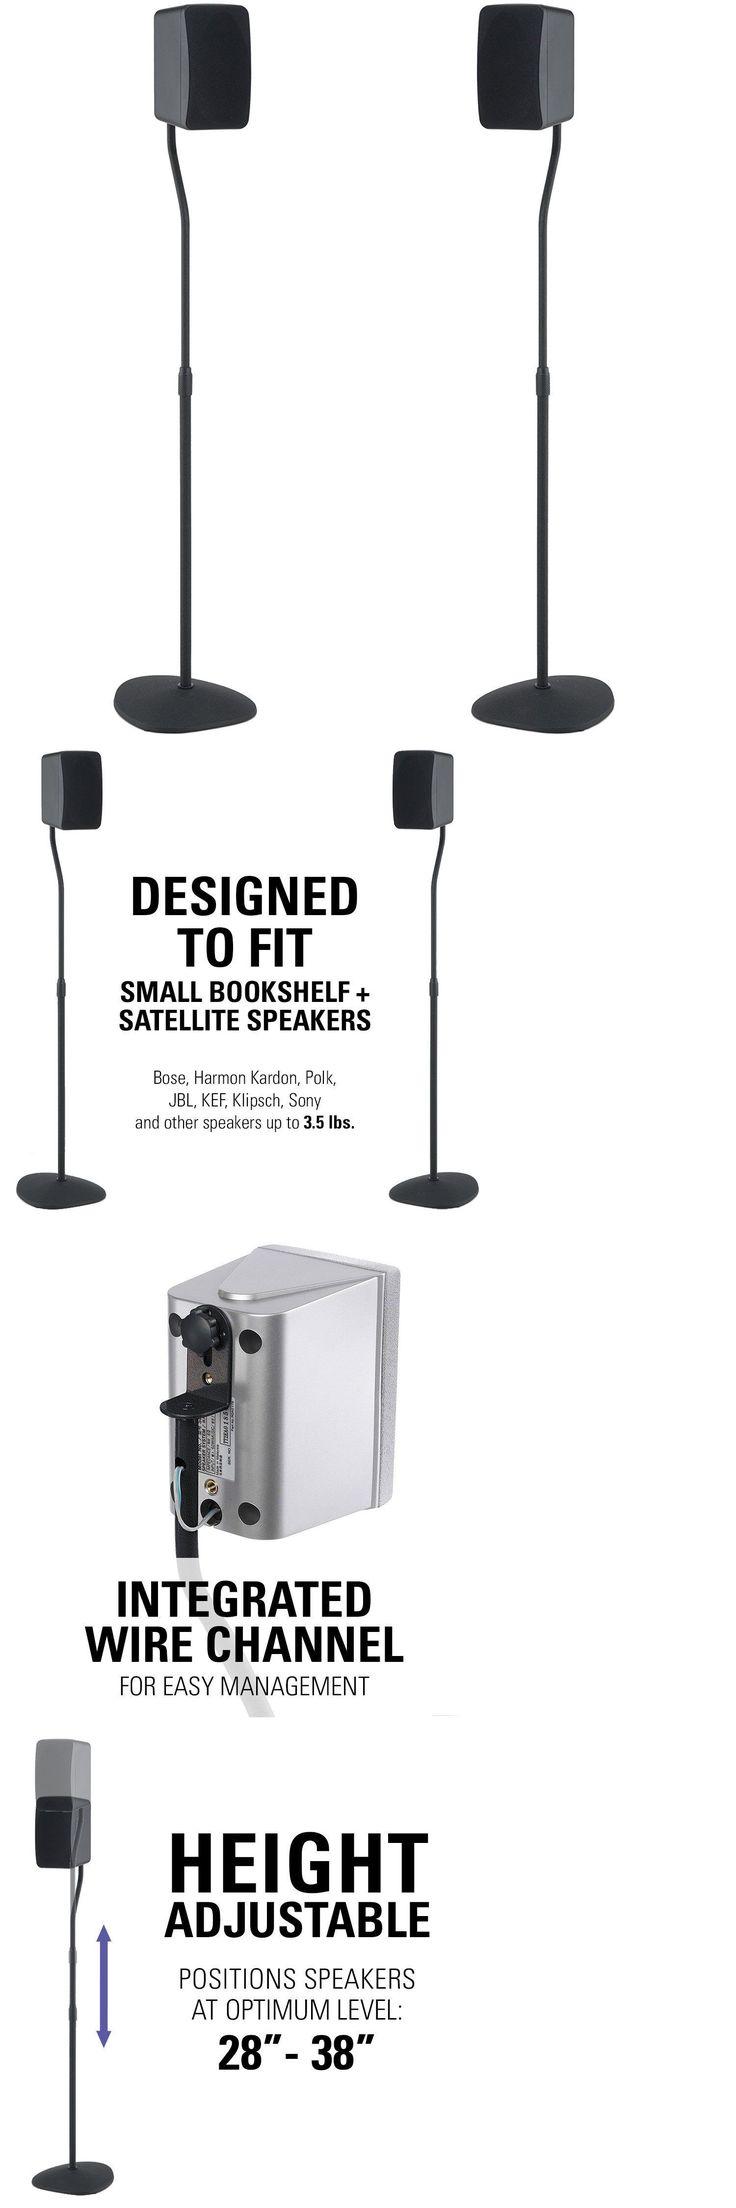 speaker mounts and stands sanus adjustable height speaker stand extends 28 to 38 new - Sanus Speaker Stands